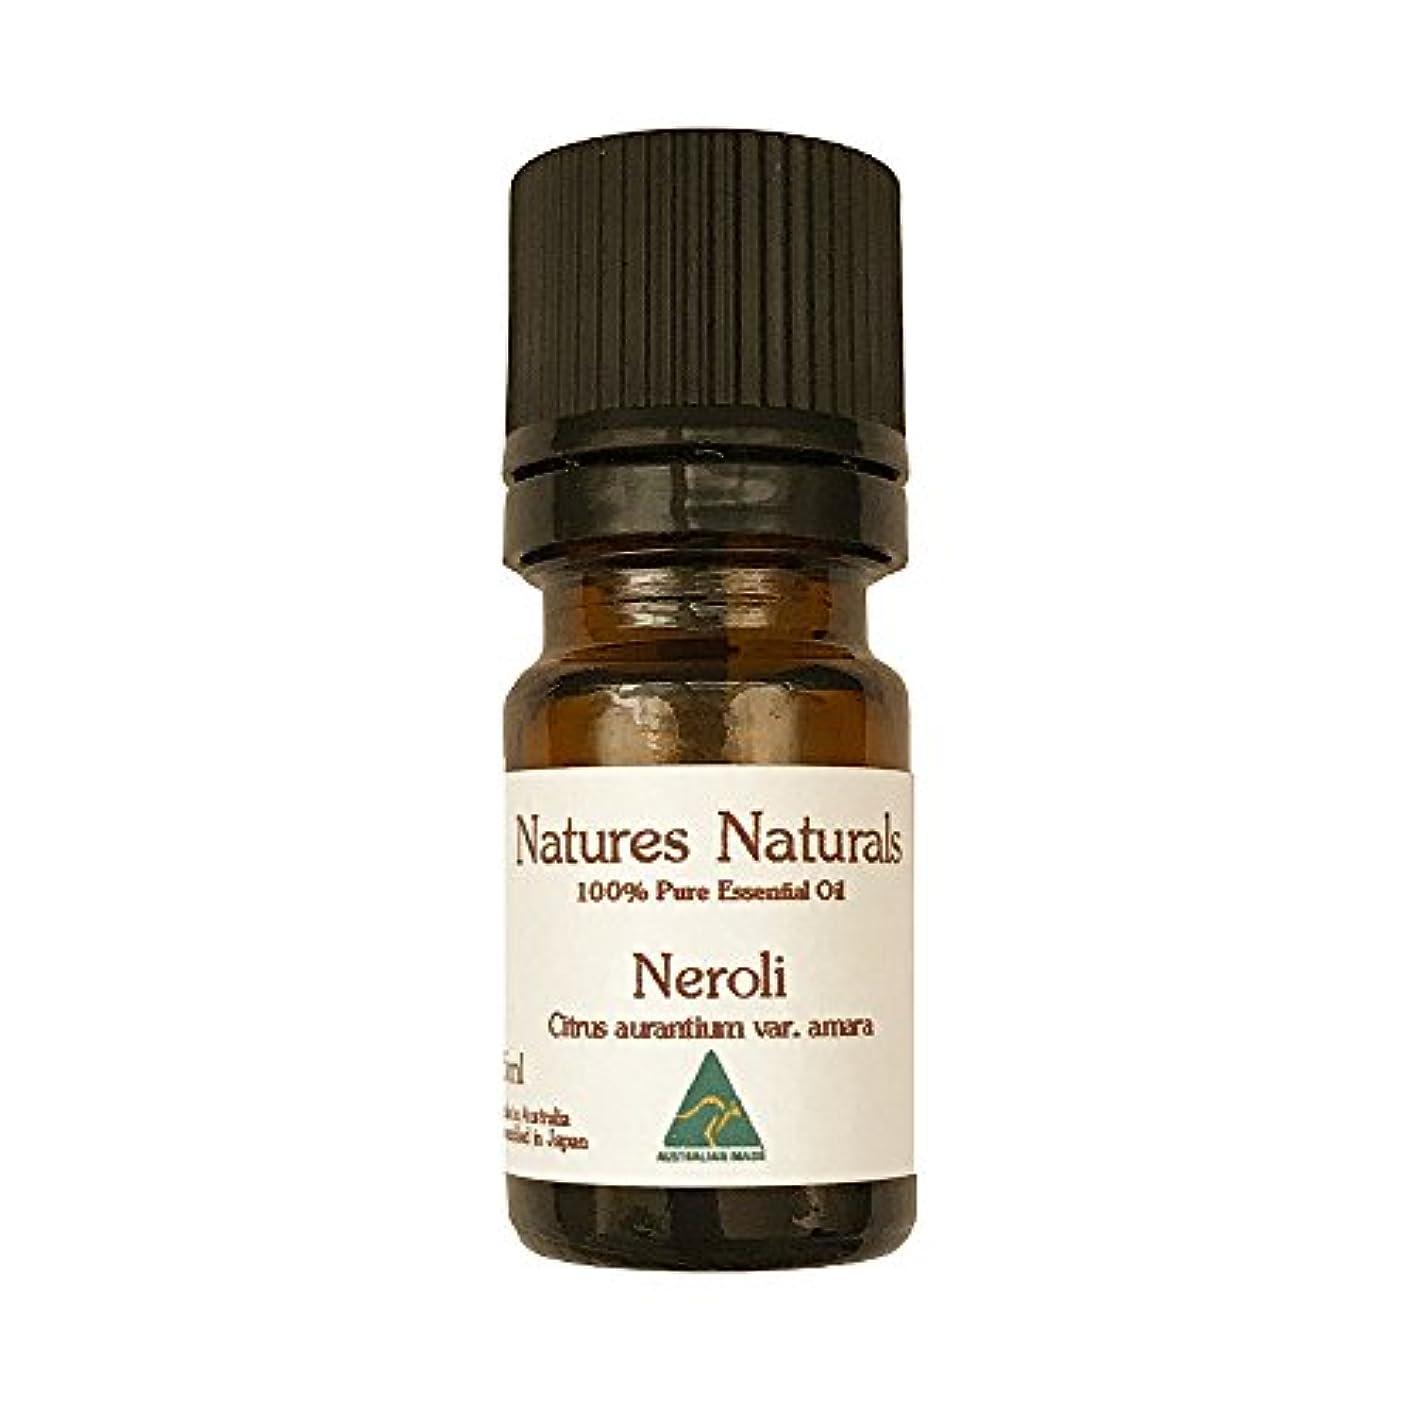 三角イブニング窓を洗うネロリ 100% 天然精油 エッセンシャルオイル 5ml イタリア産ネロリ pure neroli essential oil